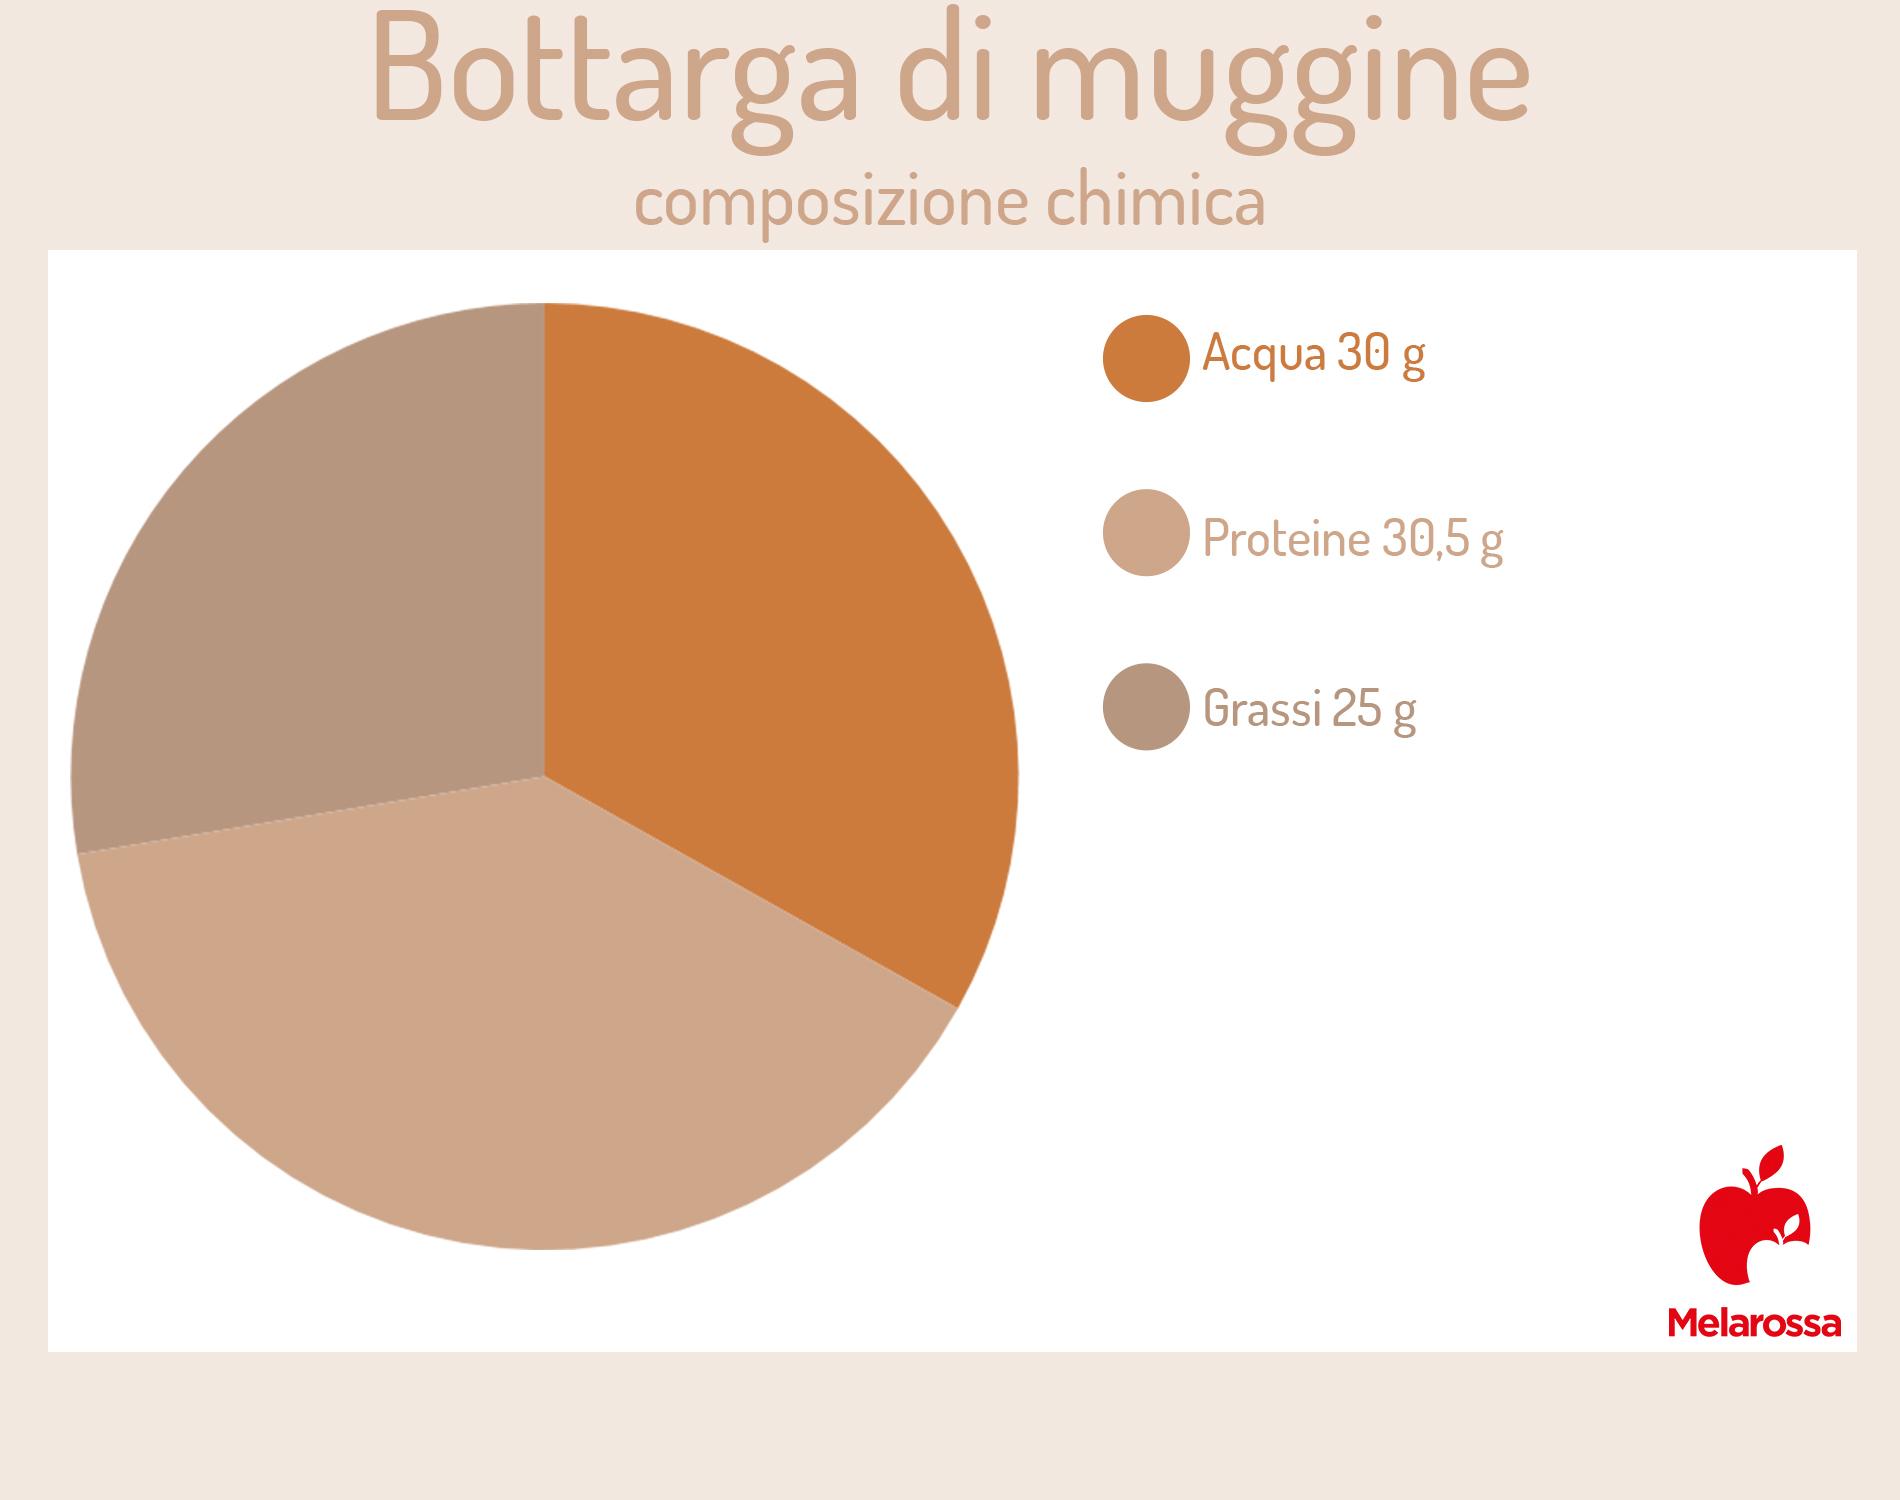 Bottarga: composizione chimica